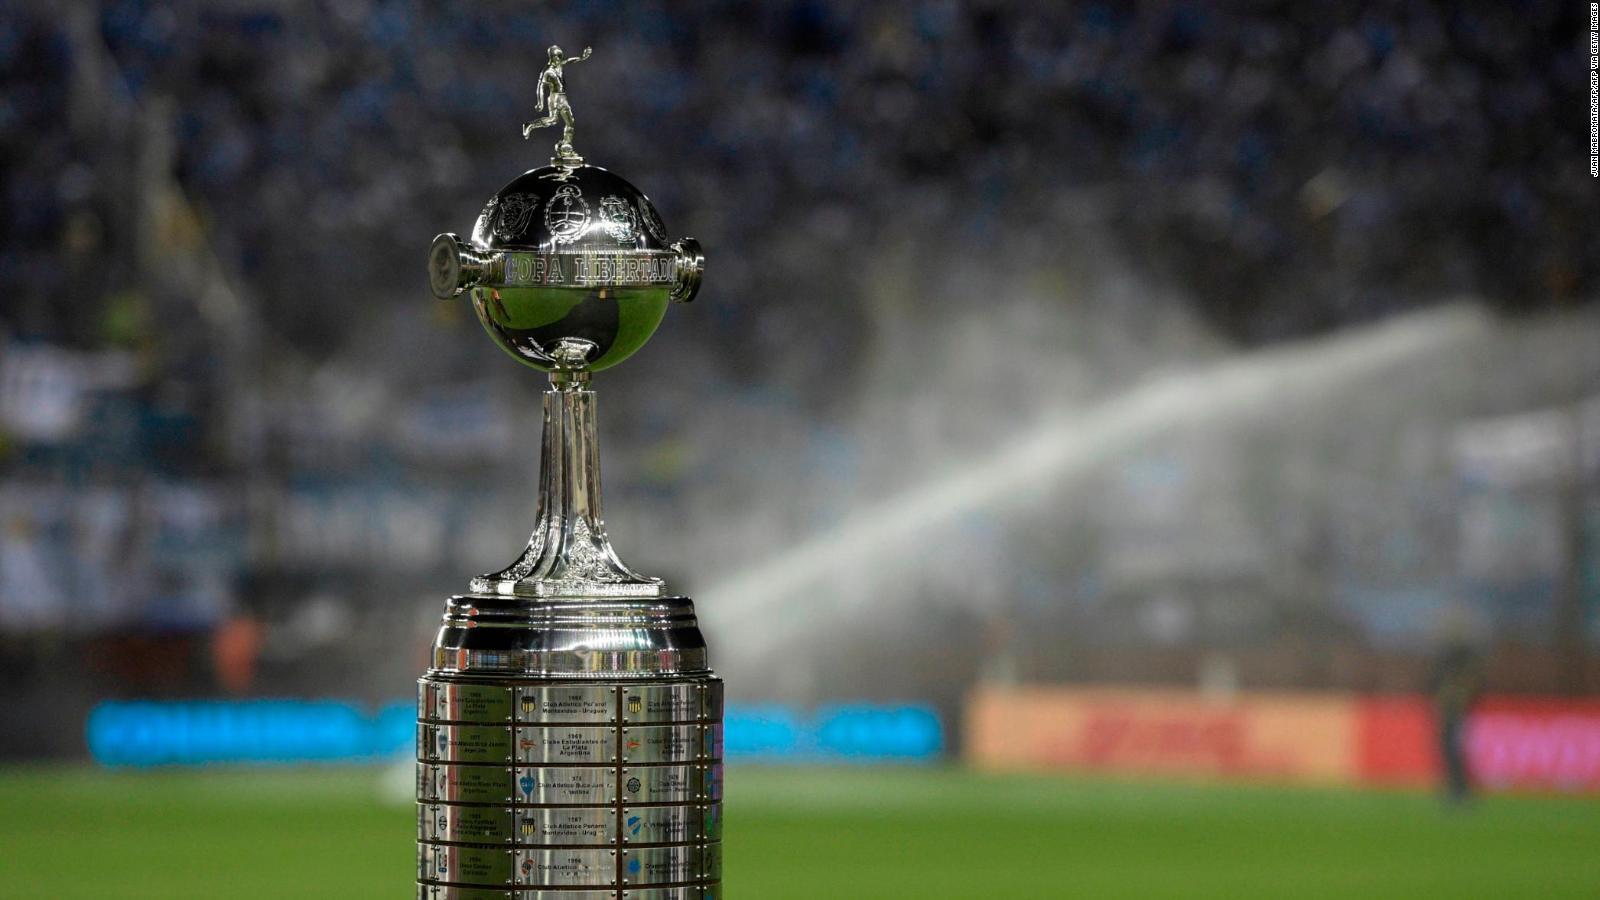 La historia de la Copa Libertadores, el torneo más importante de Sudamérica